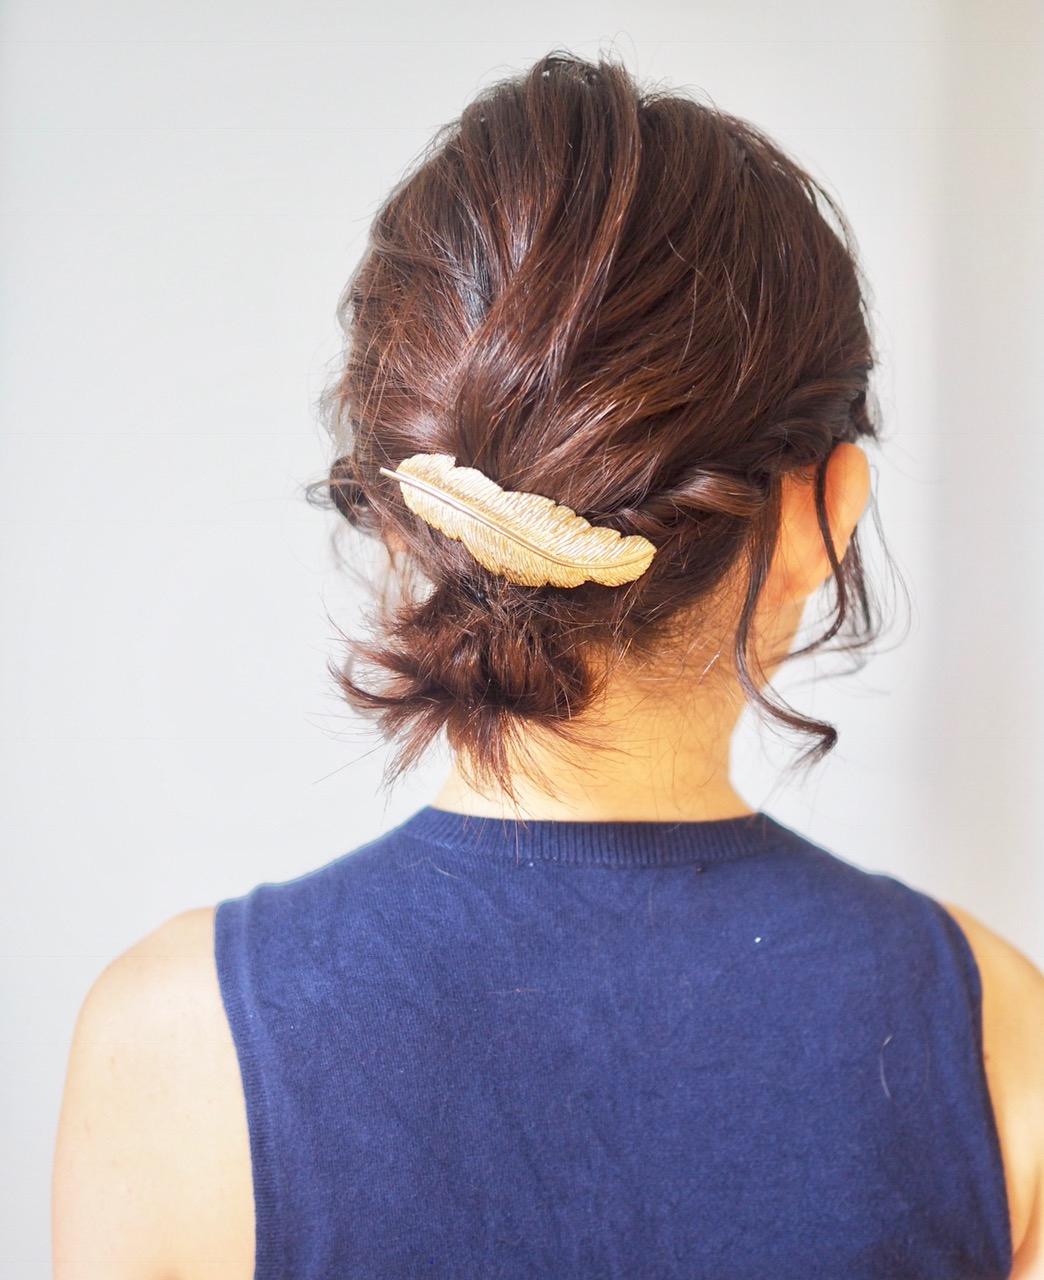 肩につかないボブスタイルでもOK!夏の色っぽまとめ髪ヘア